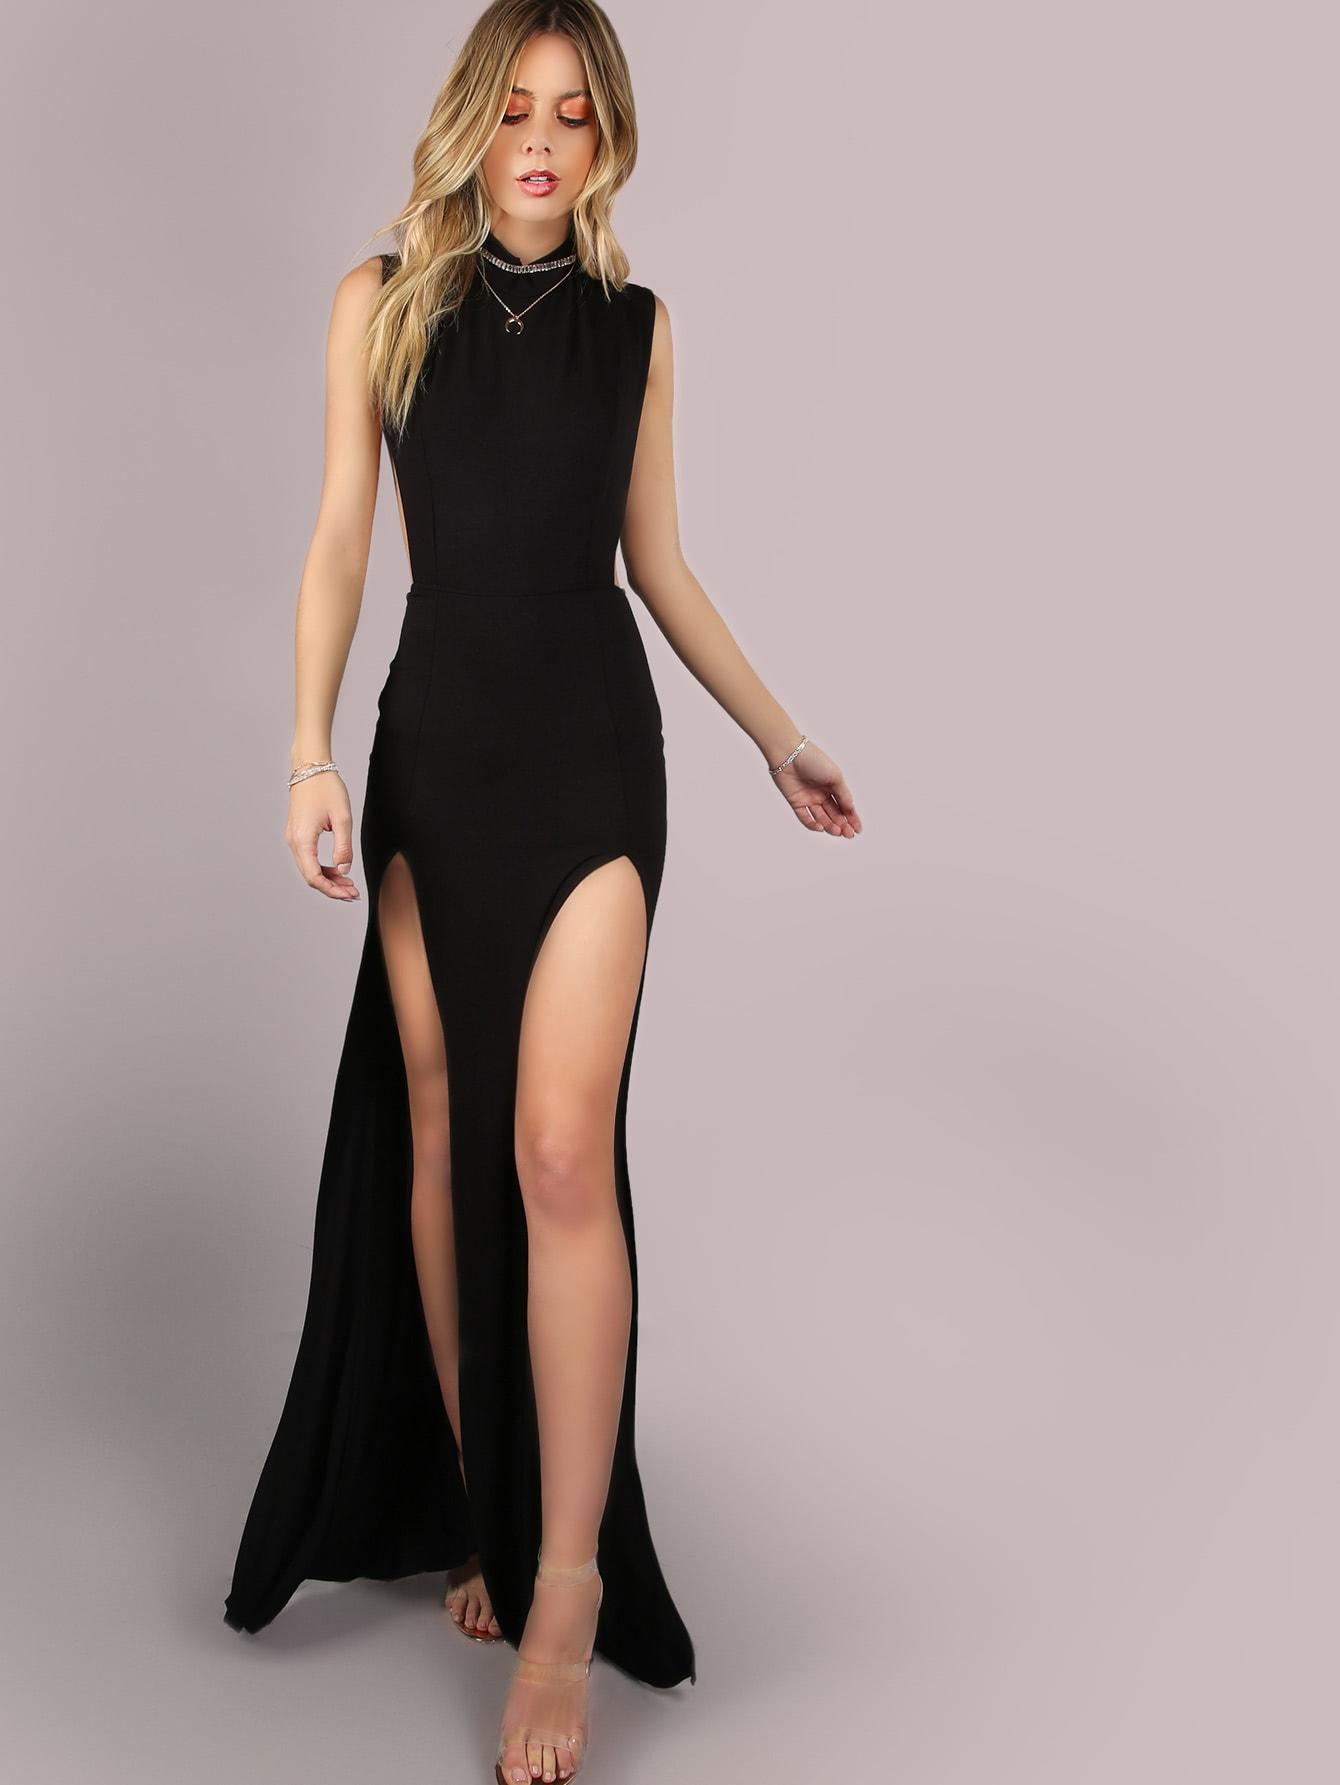 Mesh Back Double Slit Maxi Dress Mesh Back Double Slit Maxi Dress